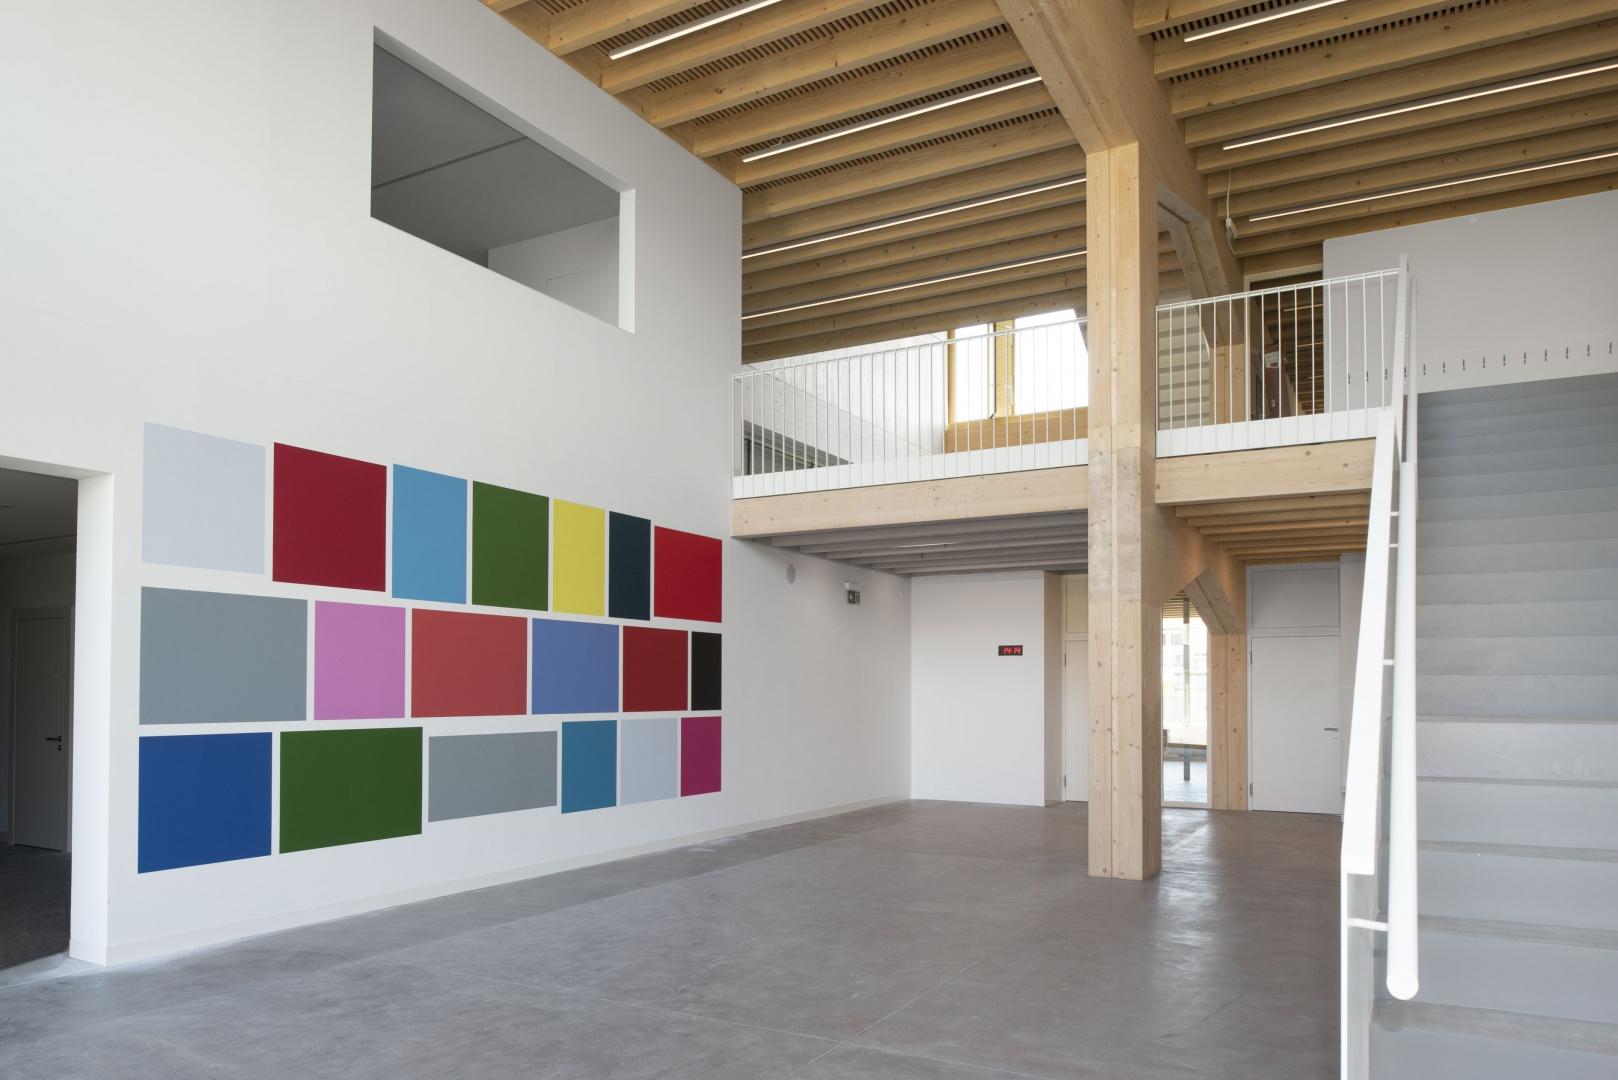 © Projet et réalisation : Ruffieux-Chehab Architectes SA, Photos : Primula Bosshard